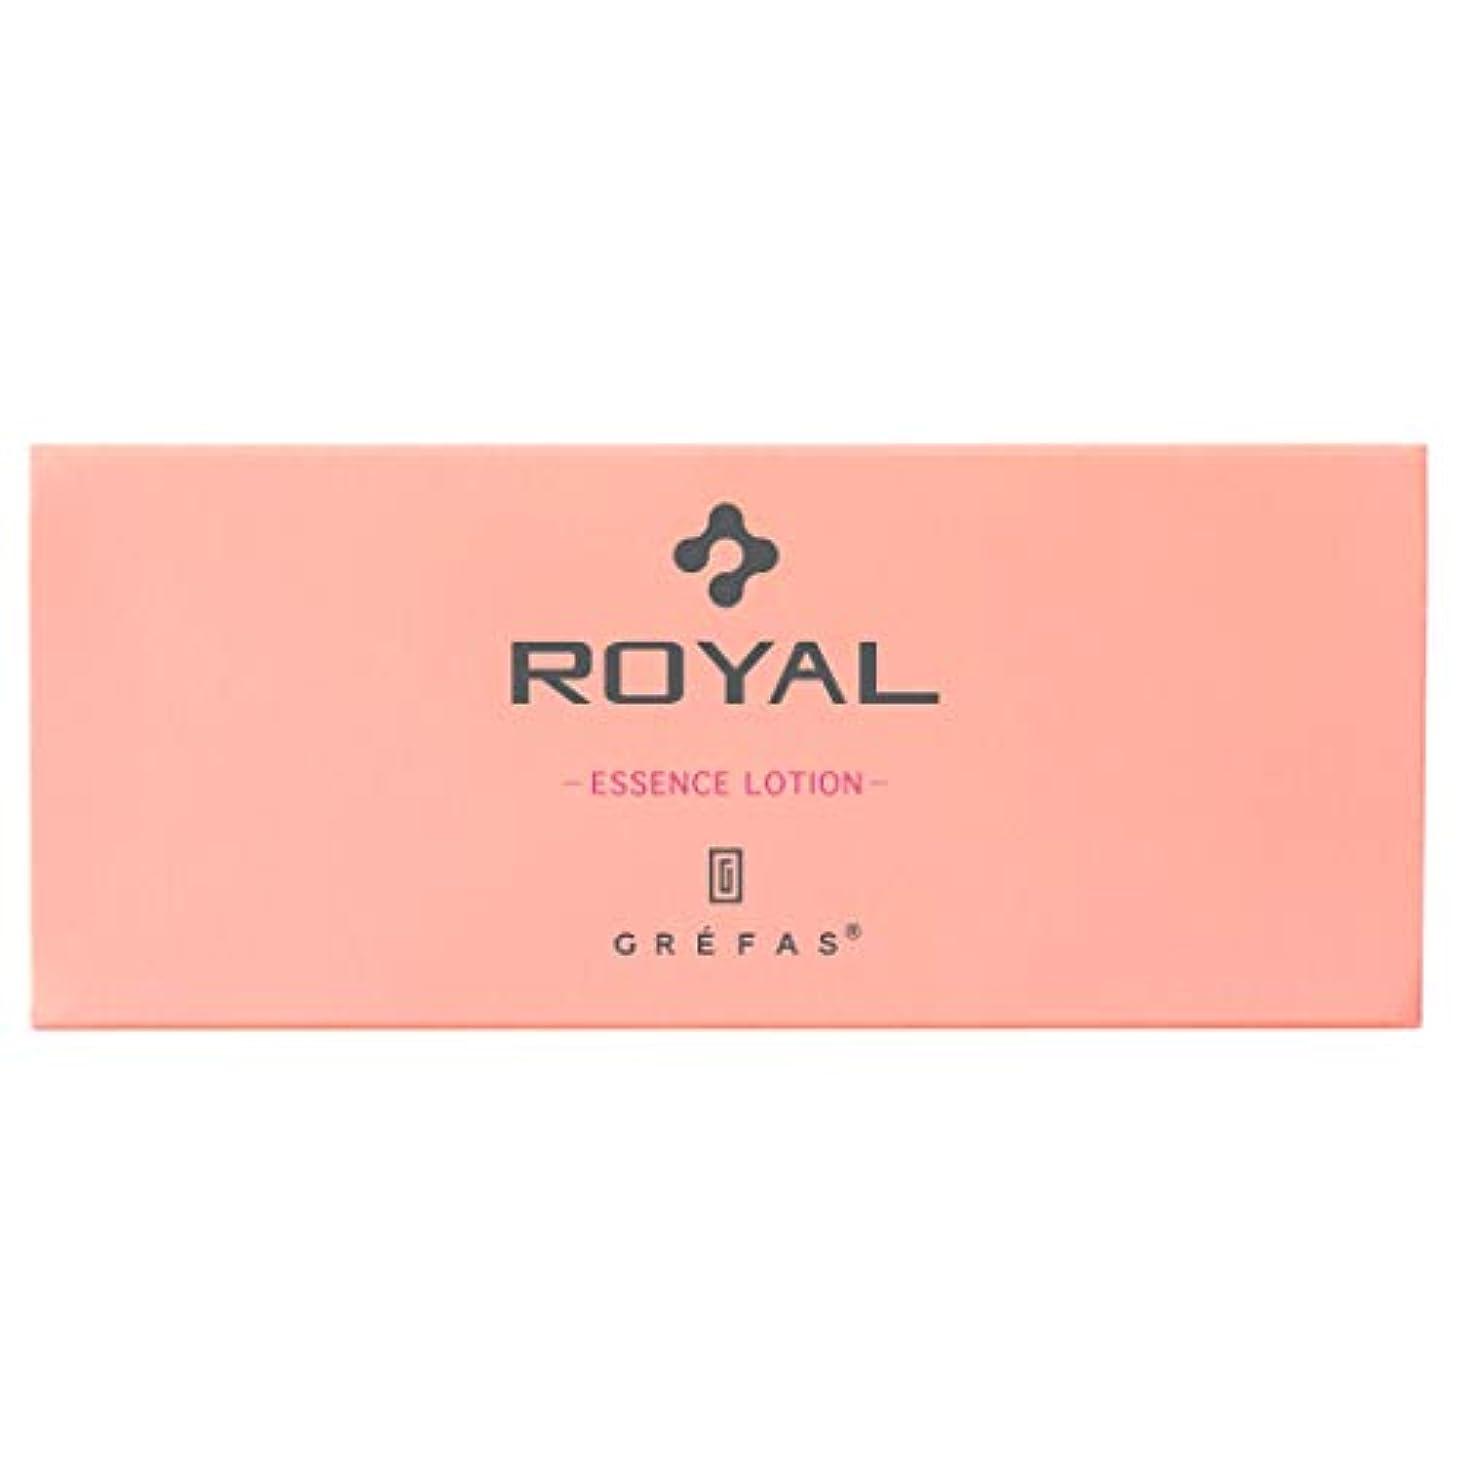 先史時代の和解する後者GREFAS ROYAL【グレファスロイアル】化粧水 エッセンスローション プラセンタエキス 1.3ml×10袋